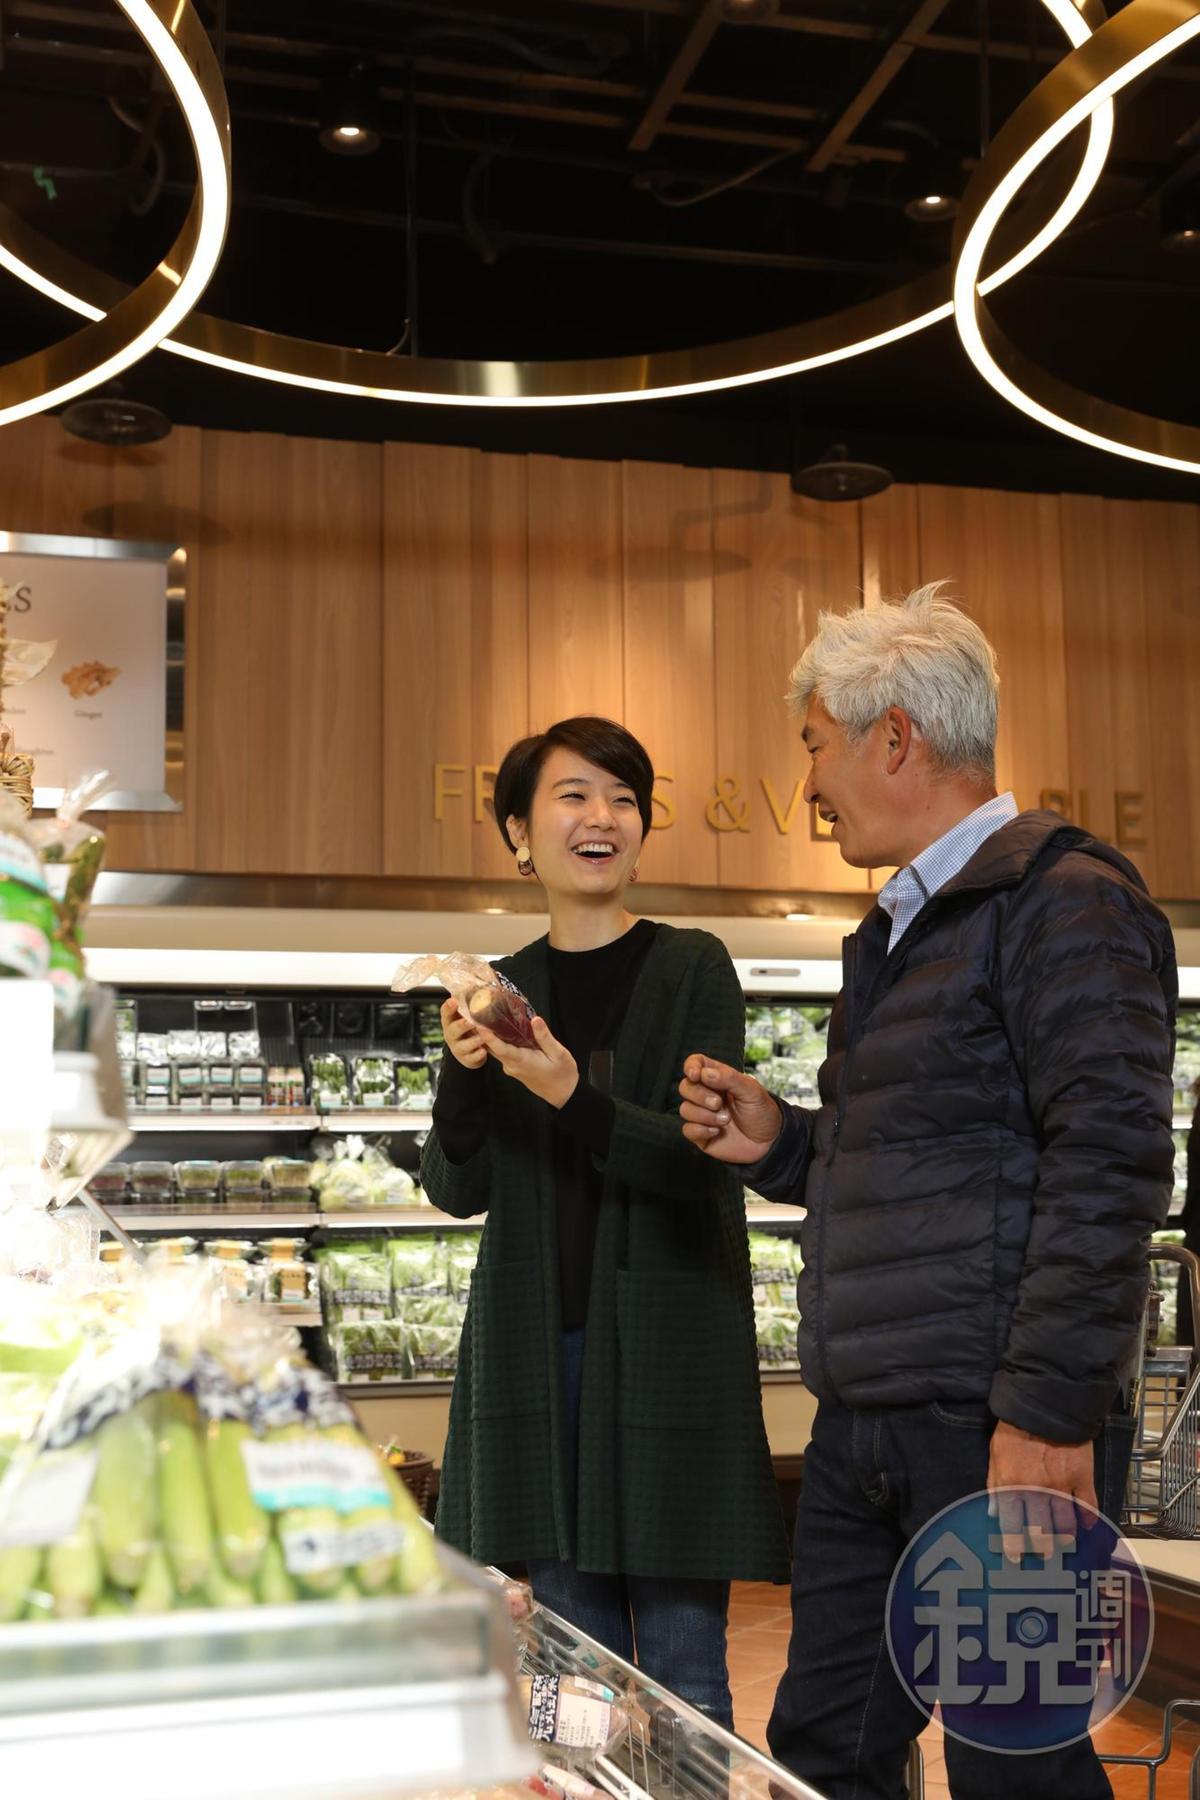 遇到台南「元氣家農場」老闆林中智親自來到超市上架蔬菜,並熱情解說蔬菜風味,美食家高琹雯(Liz)認為買菜還能長知識。